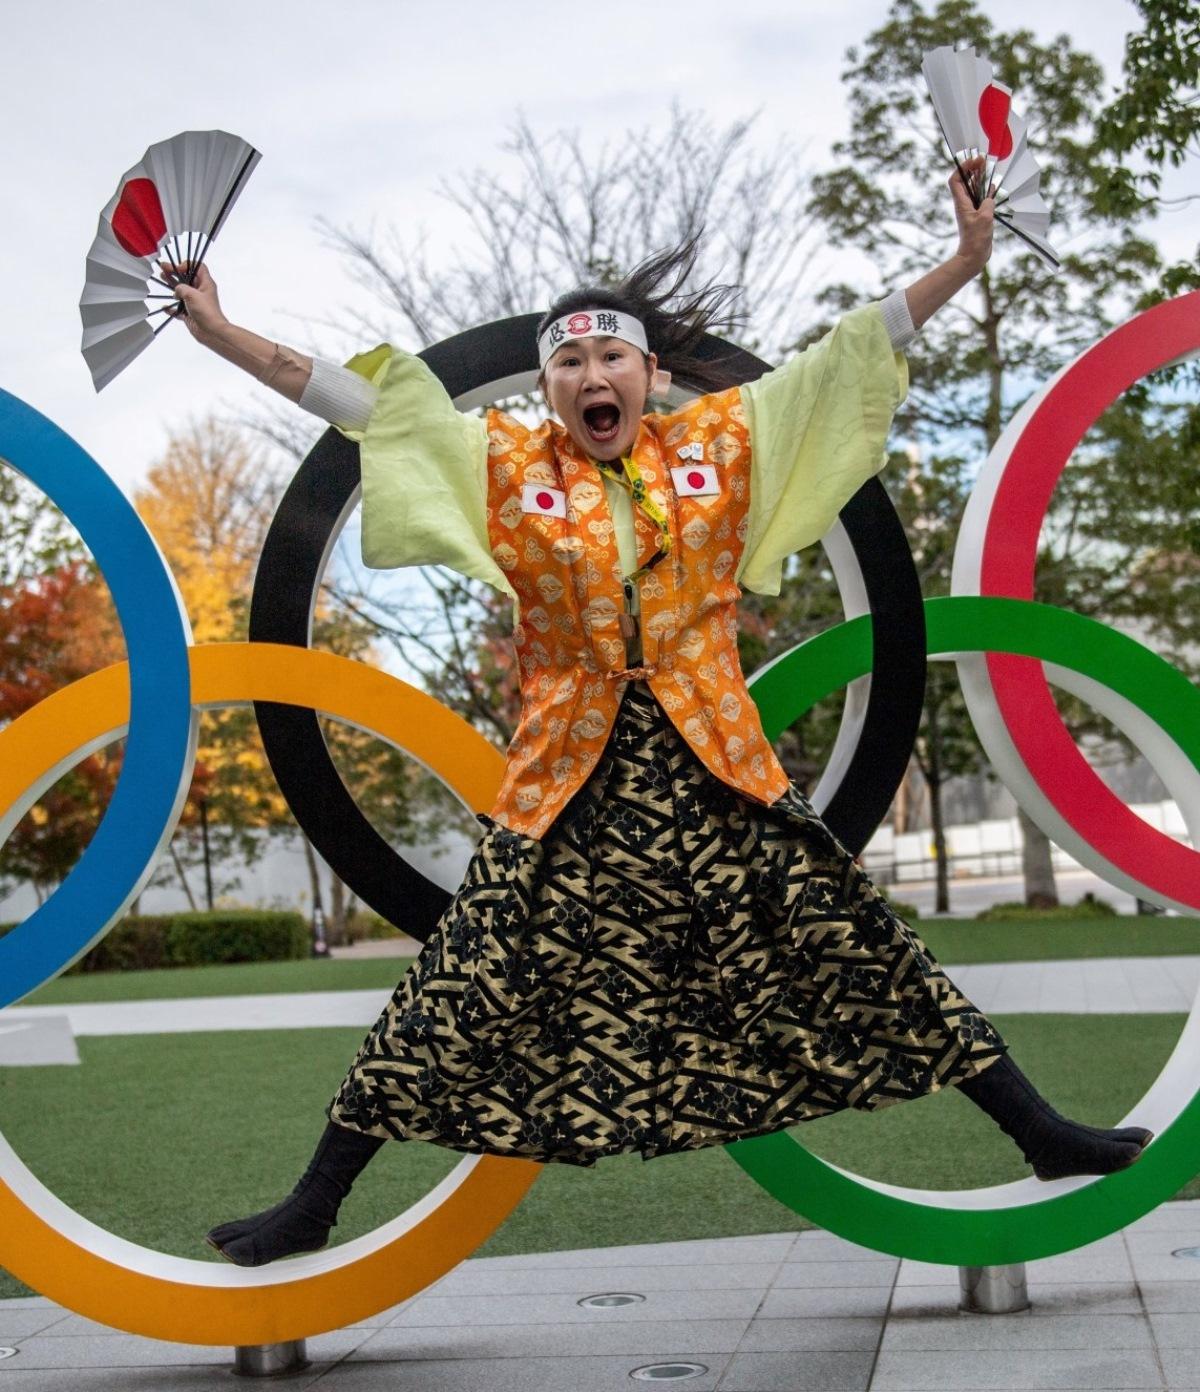 max kruse olimpiadi proposta matrimonio